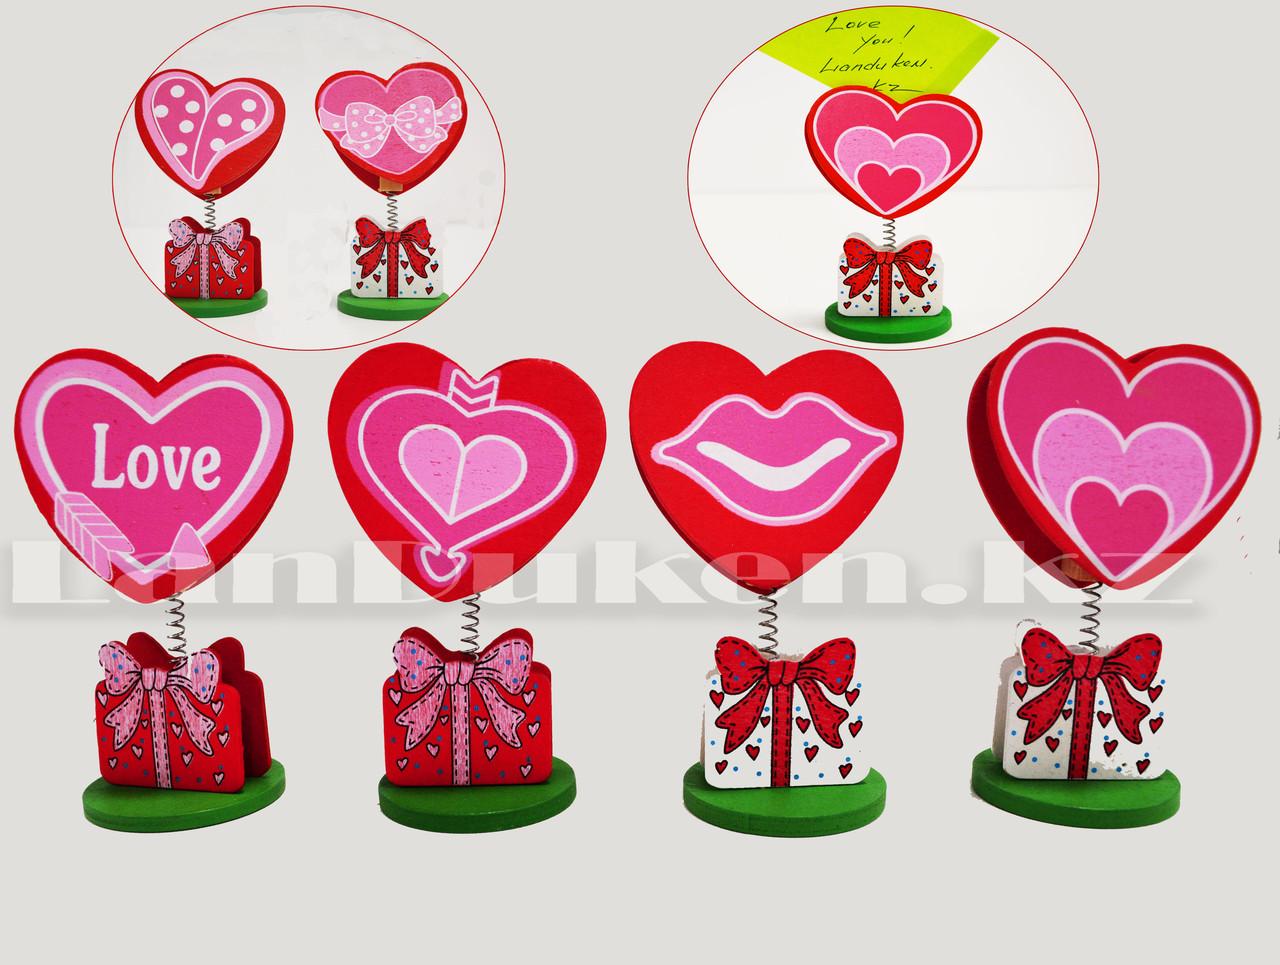 Настольная прищепка для визиток посланий и фотографий в виде сердца деревянные Валентинки в ассортименте - фото 1